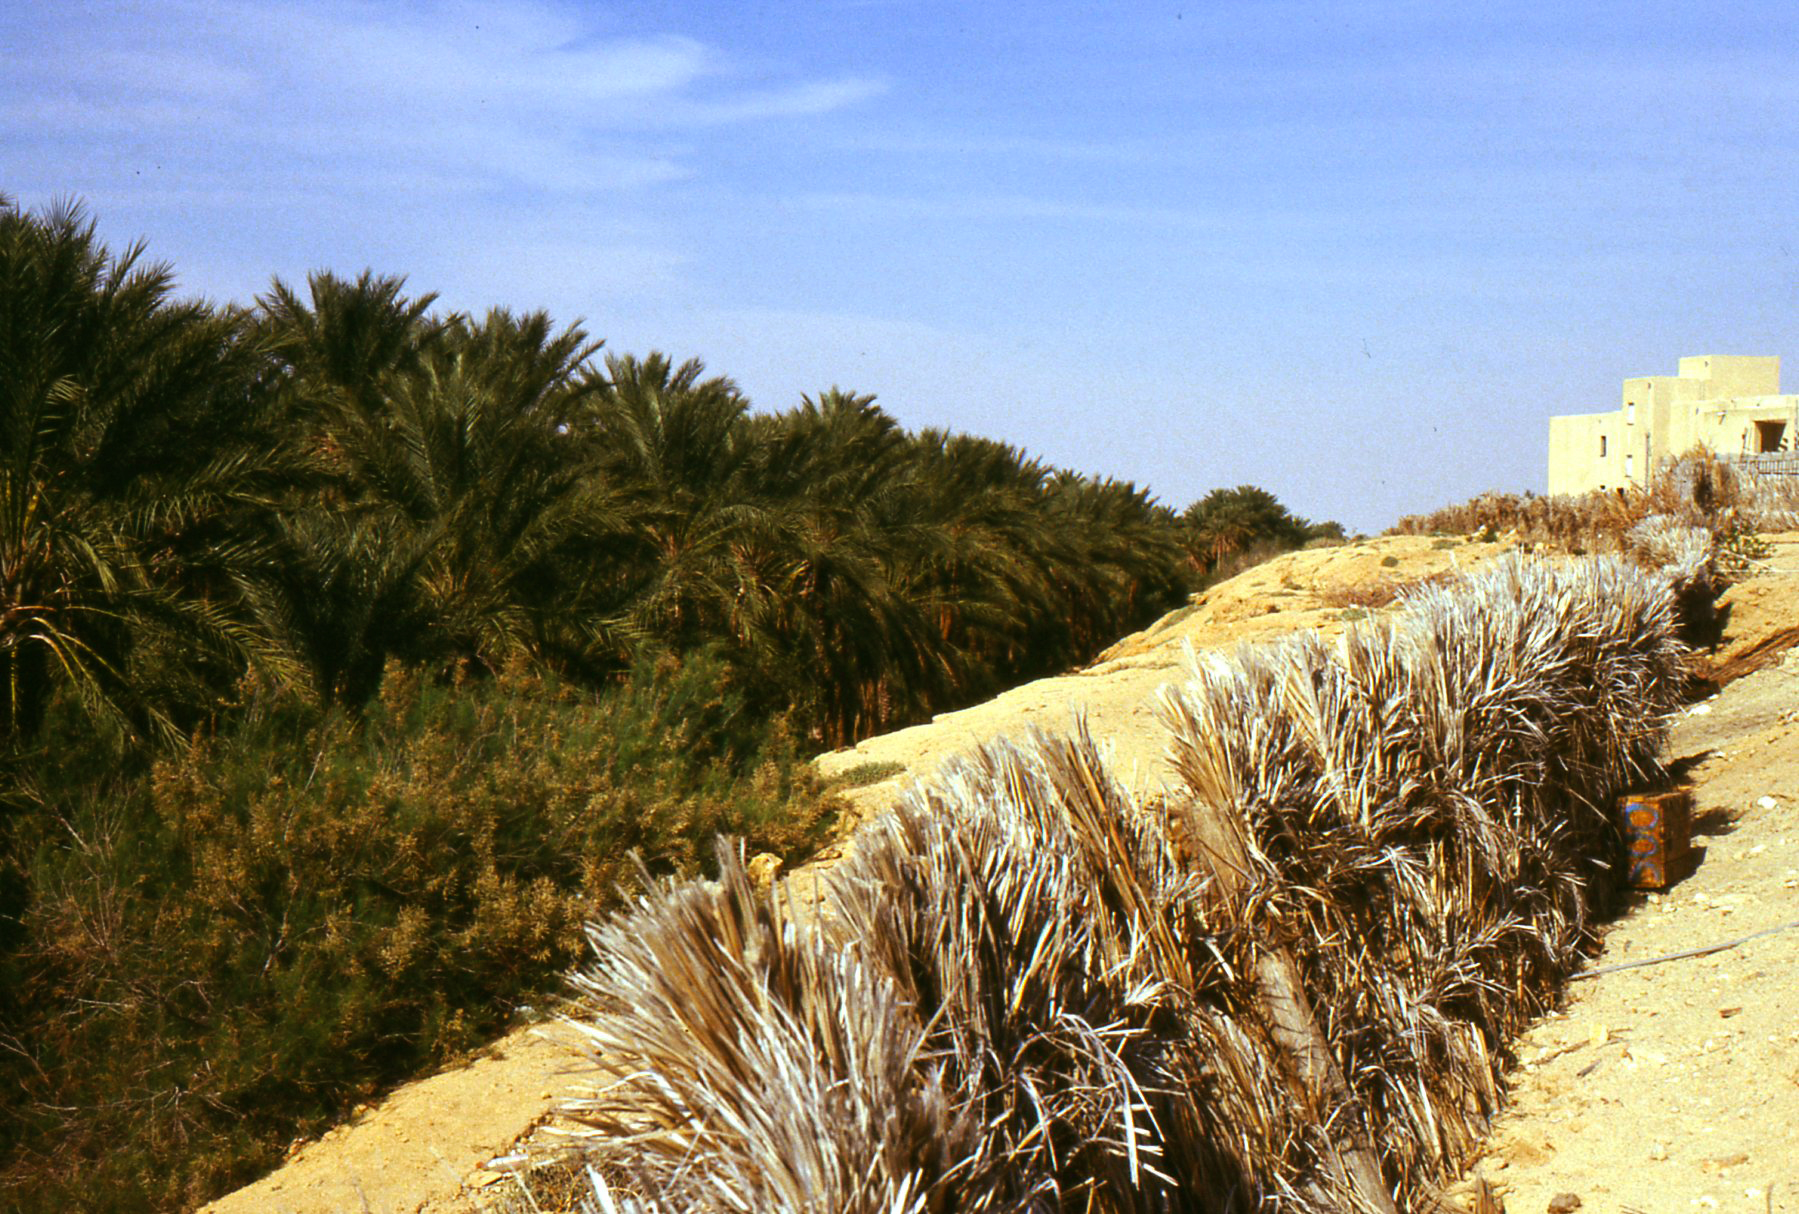 Il grande palmeto è protetto dalla lunga barriera artificiale fatta di rami di palme